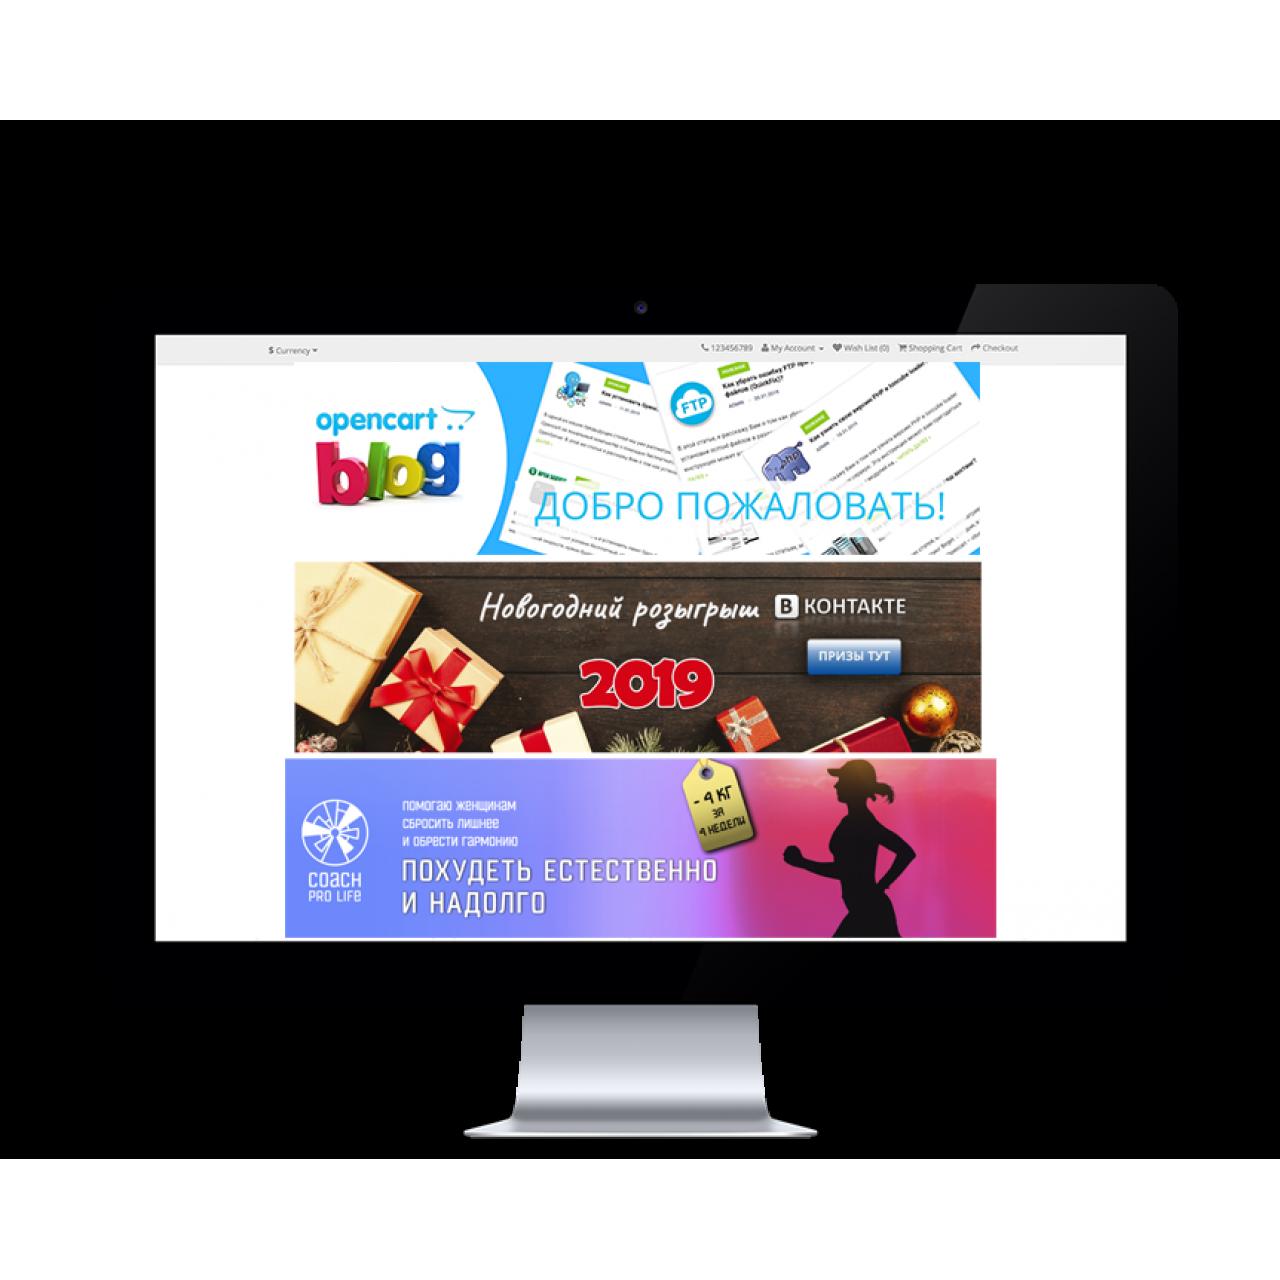 Продающий баннер для вашего сайта, магазина, соц.сетей из категории Дизайн для CMS OpenCart (ОпенКарт)